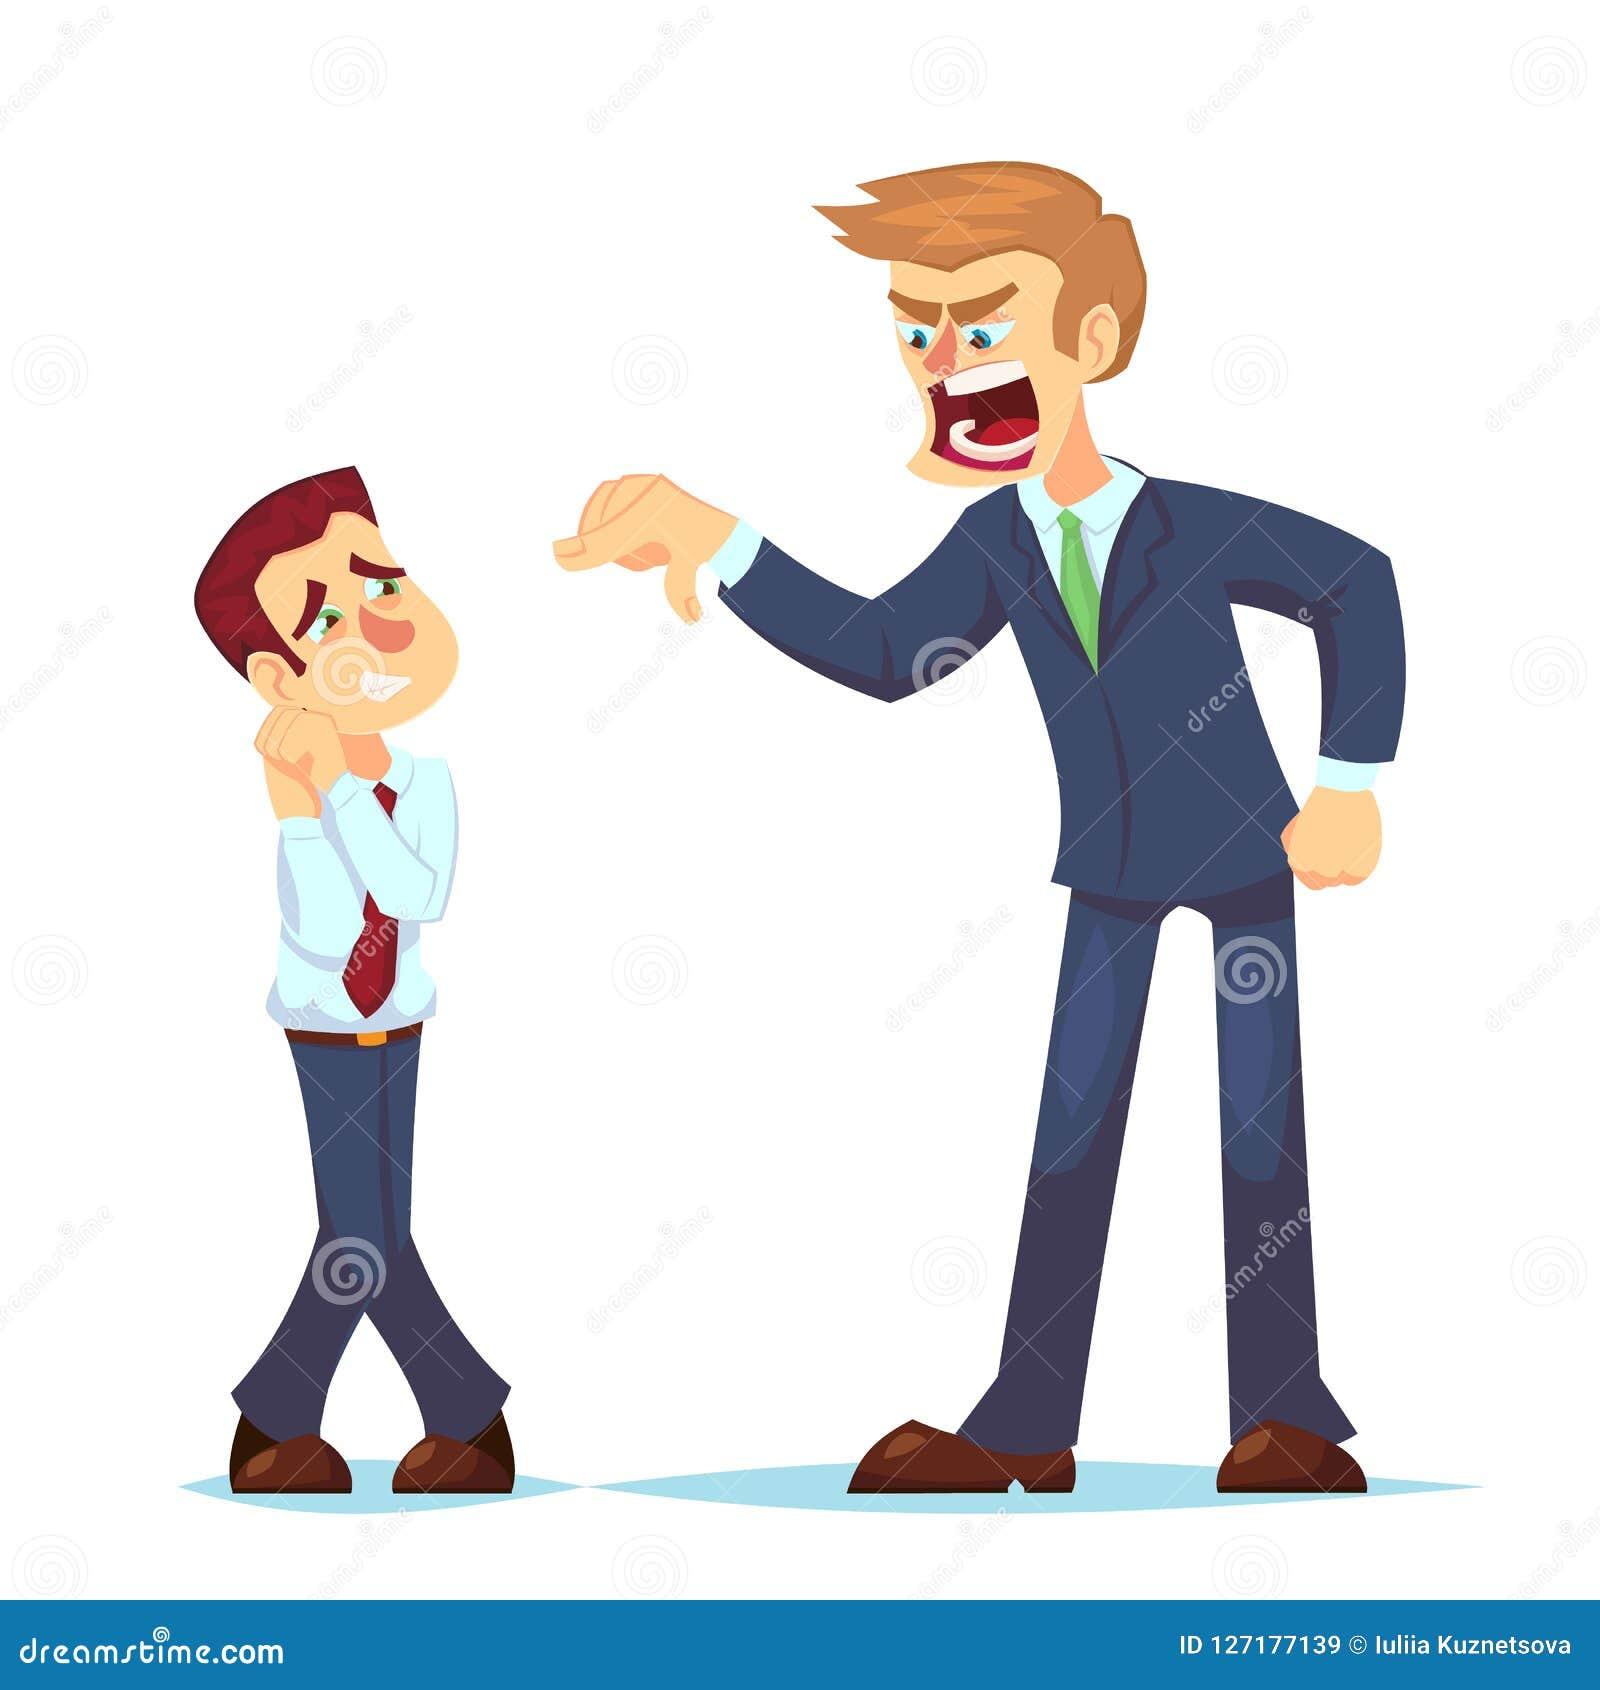 Κύριες κραυγές χαρακτήρα ατόμων στον εργαζόμενο Διανυσματικός επίπεδος 0 επιχειρηματίας απεικόνισης κινούμενων σχεδίων που φωνάζε